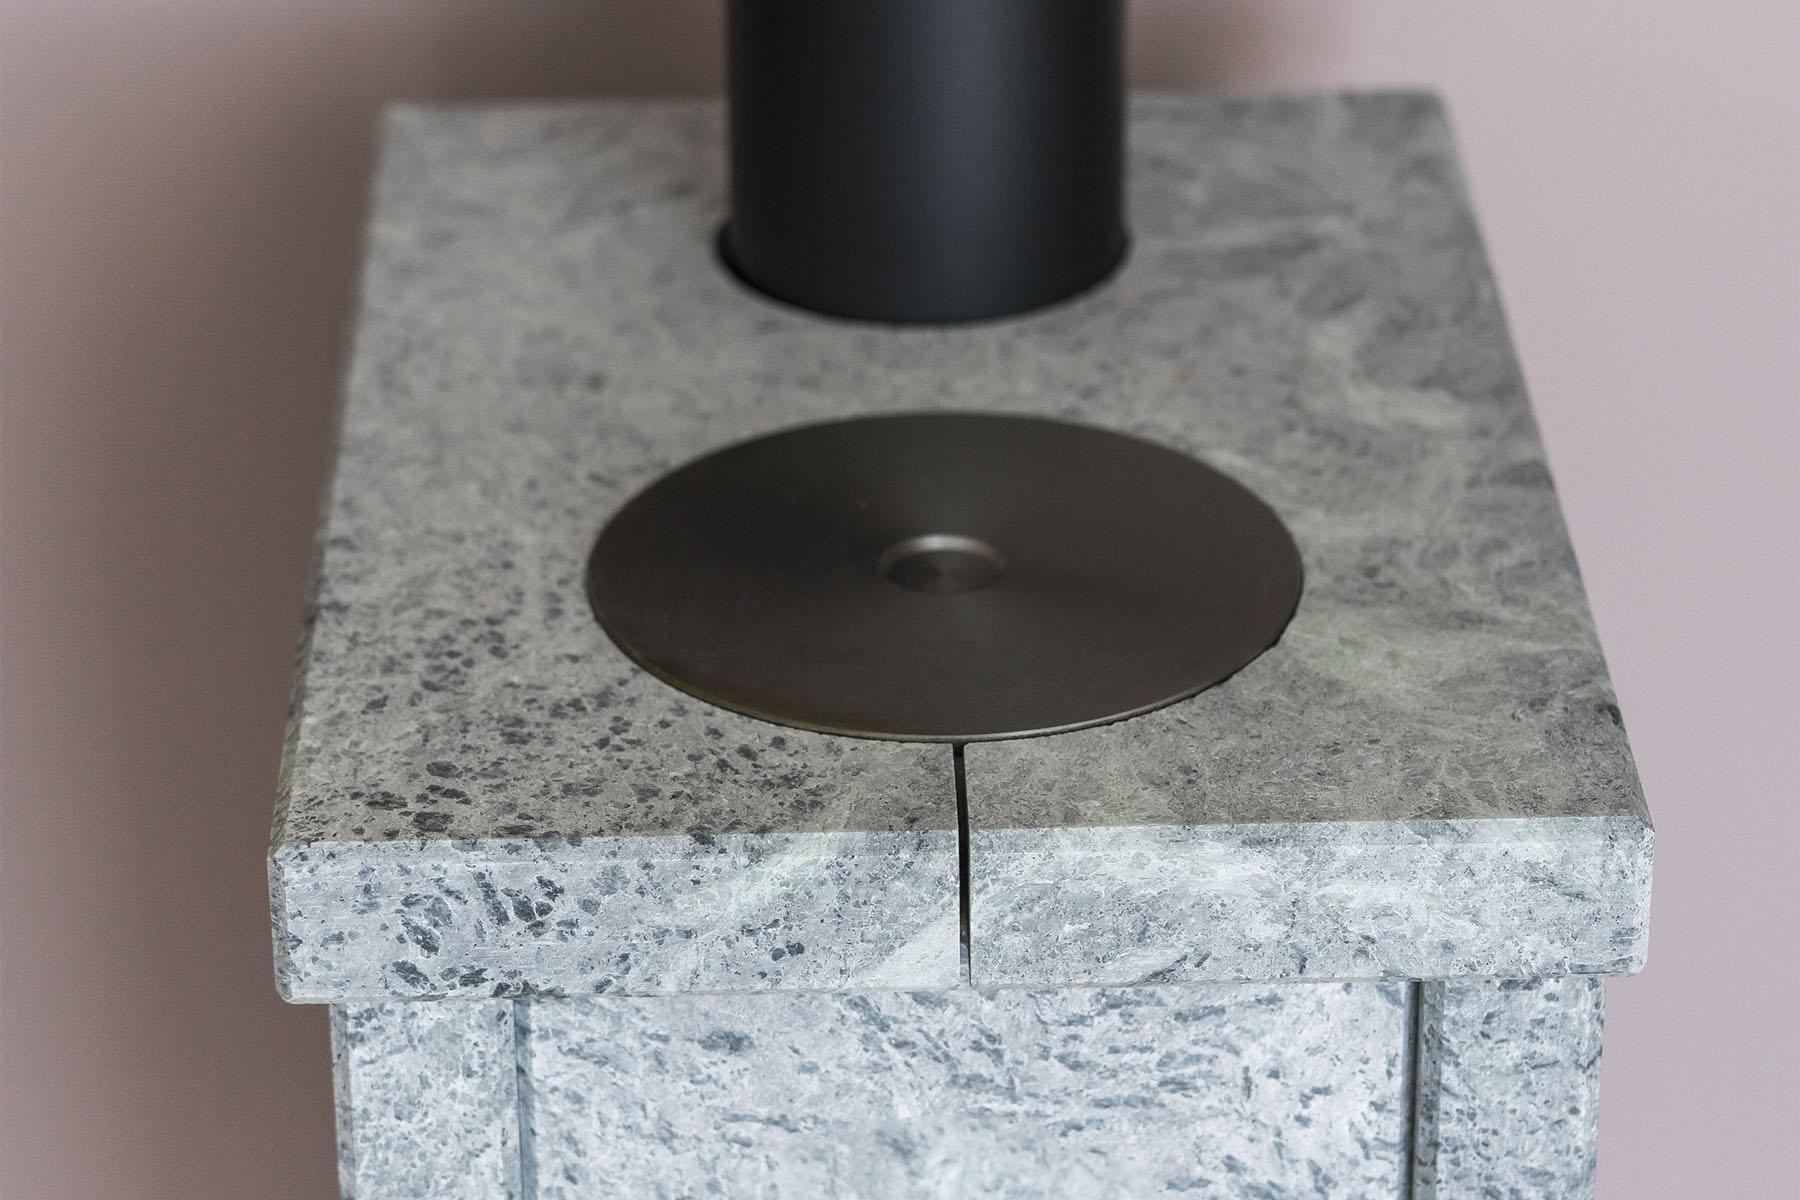 Die Platte ist unter anderem nützlich, um Wasser aufzukochen. Die Kochplatte ist nur für das Modell Tove 2 erhältlich.